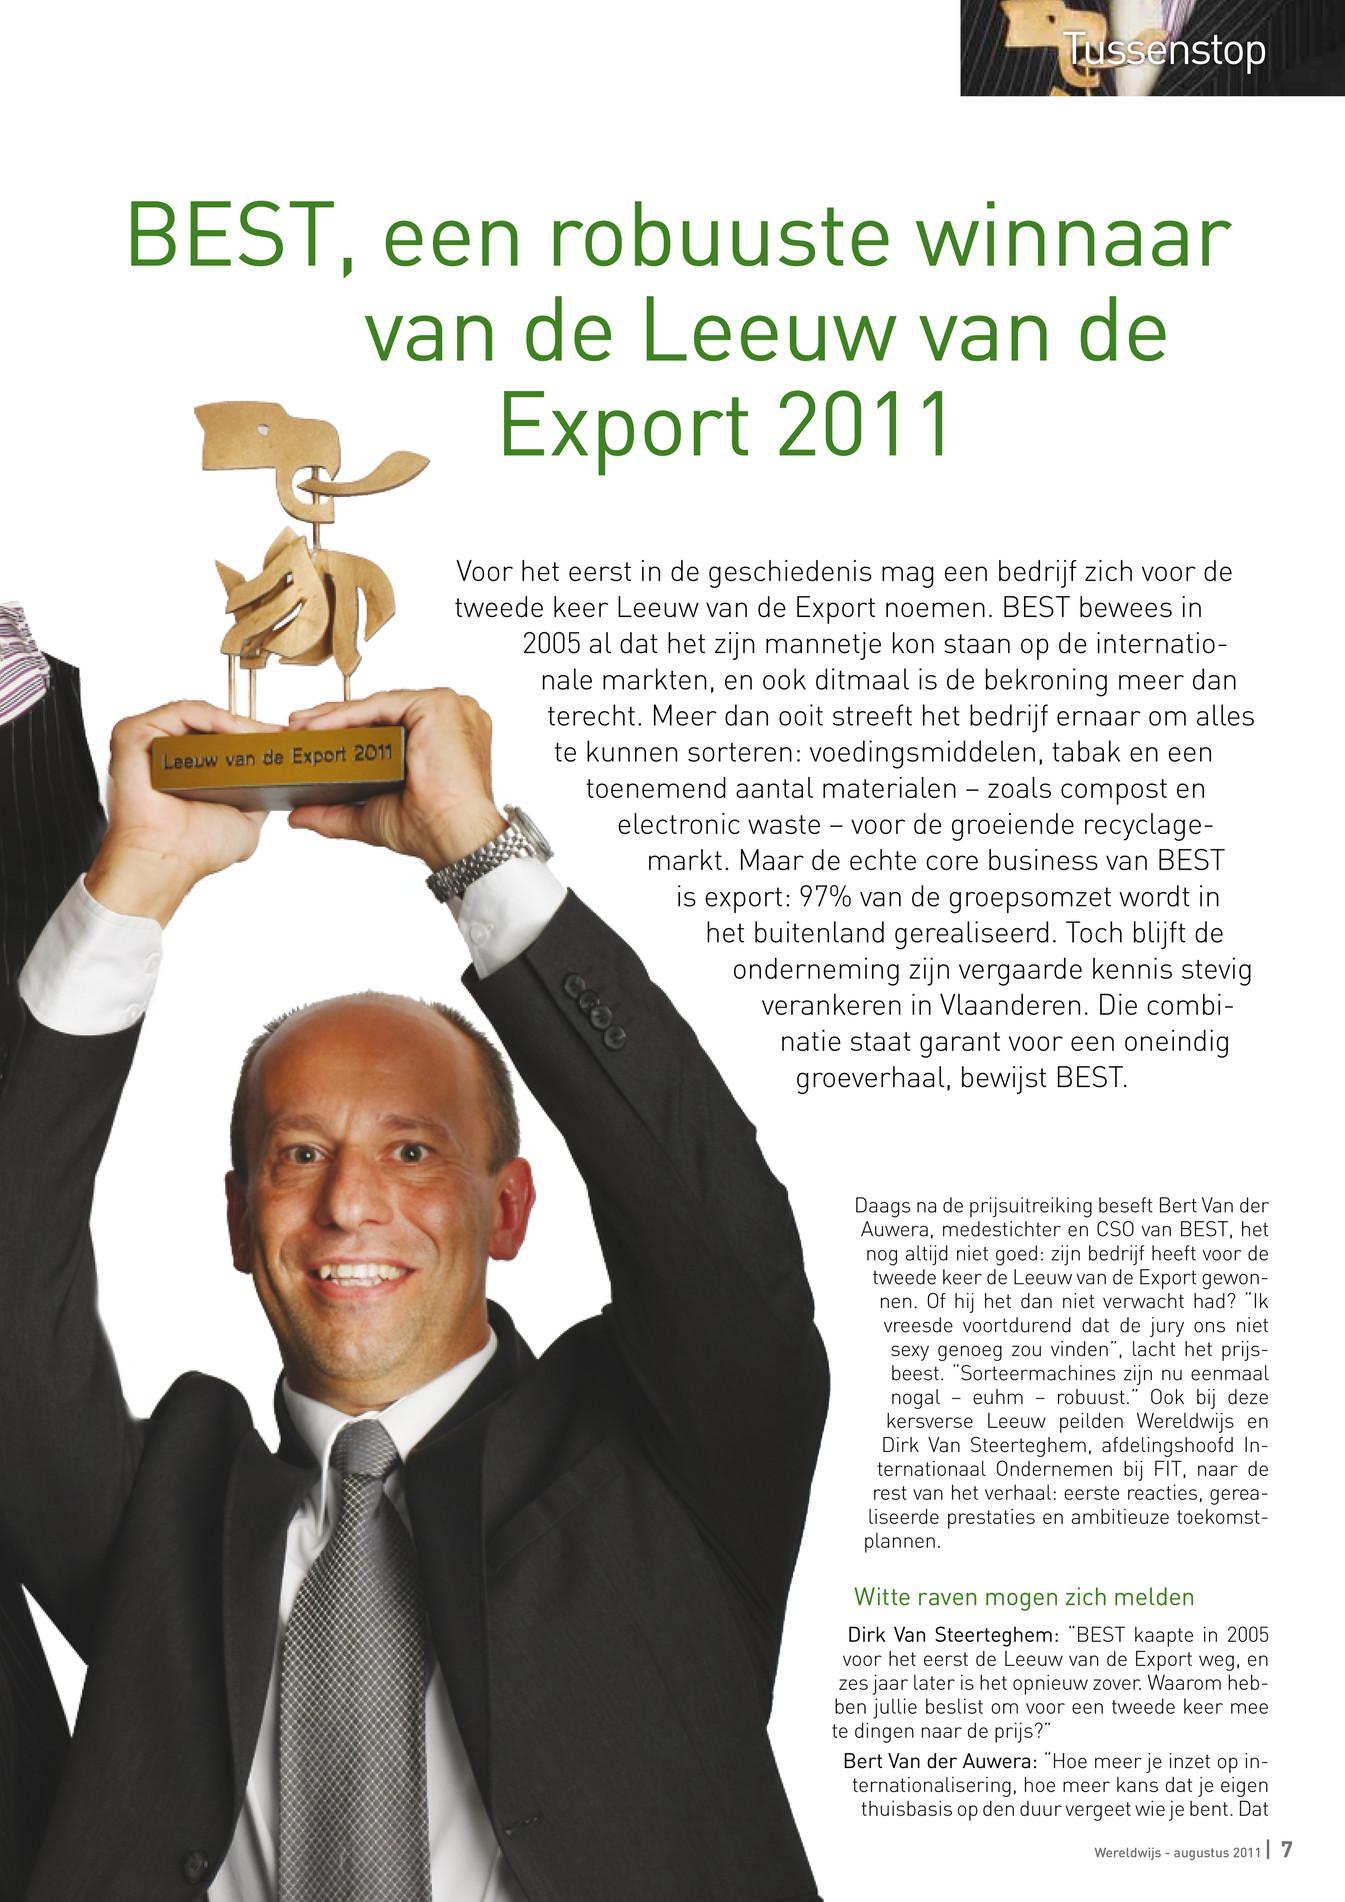 Flanders trade wereldwijs augustus 2011 pagina 6 7 - Witte salontafel thuisbasis van de wereldberoemde ...